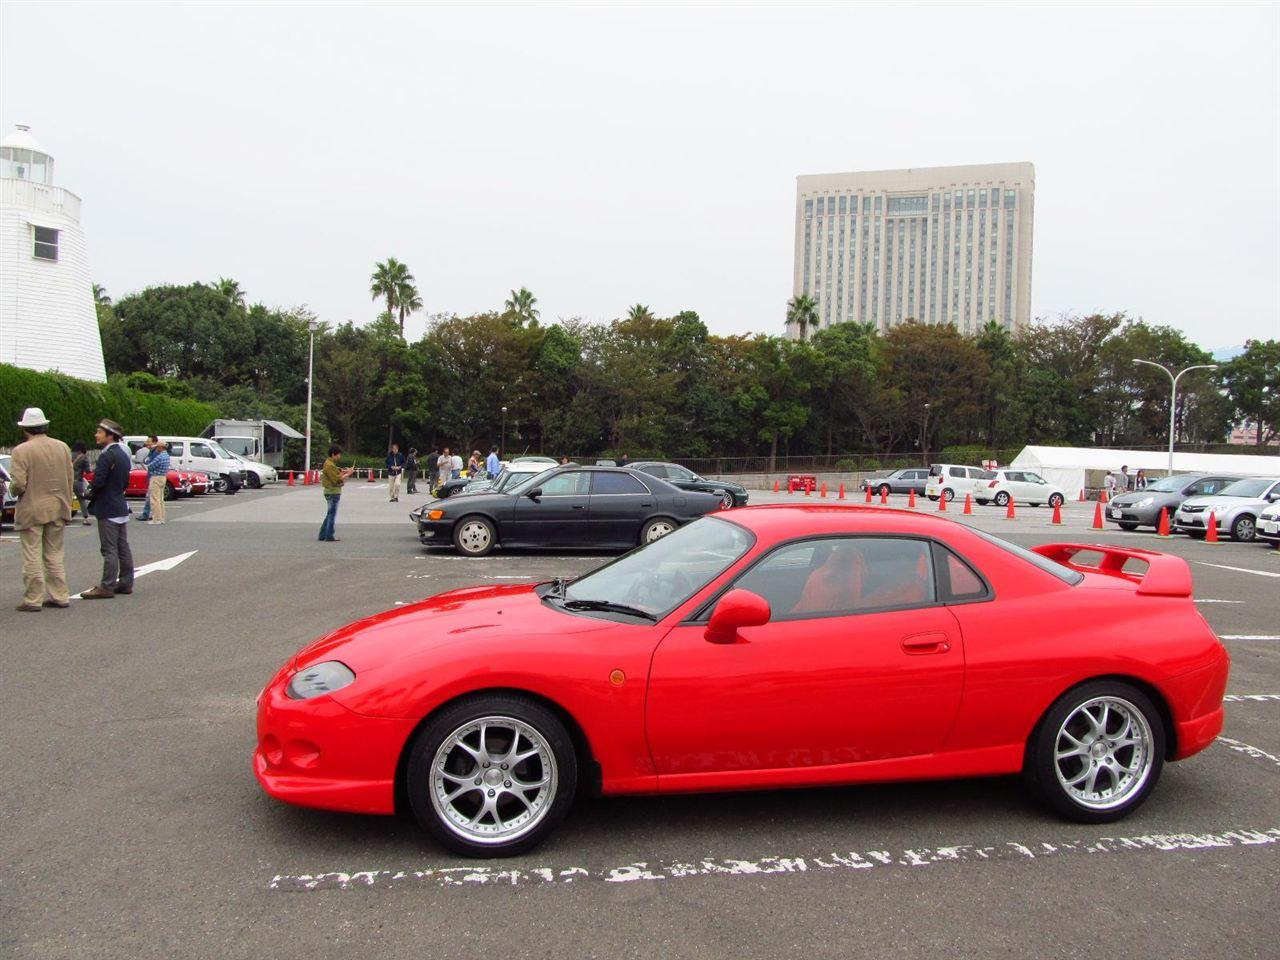 Mitsubishi FTO, sportowy model, jdm, zdjęcia, FWD, V6, coupe, na rynek japoński, czerwony kolor nadwozia